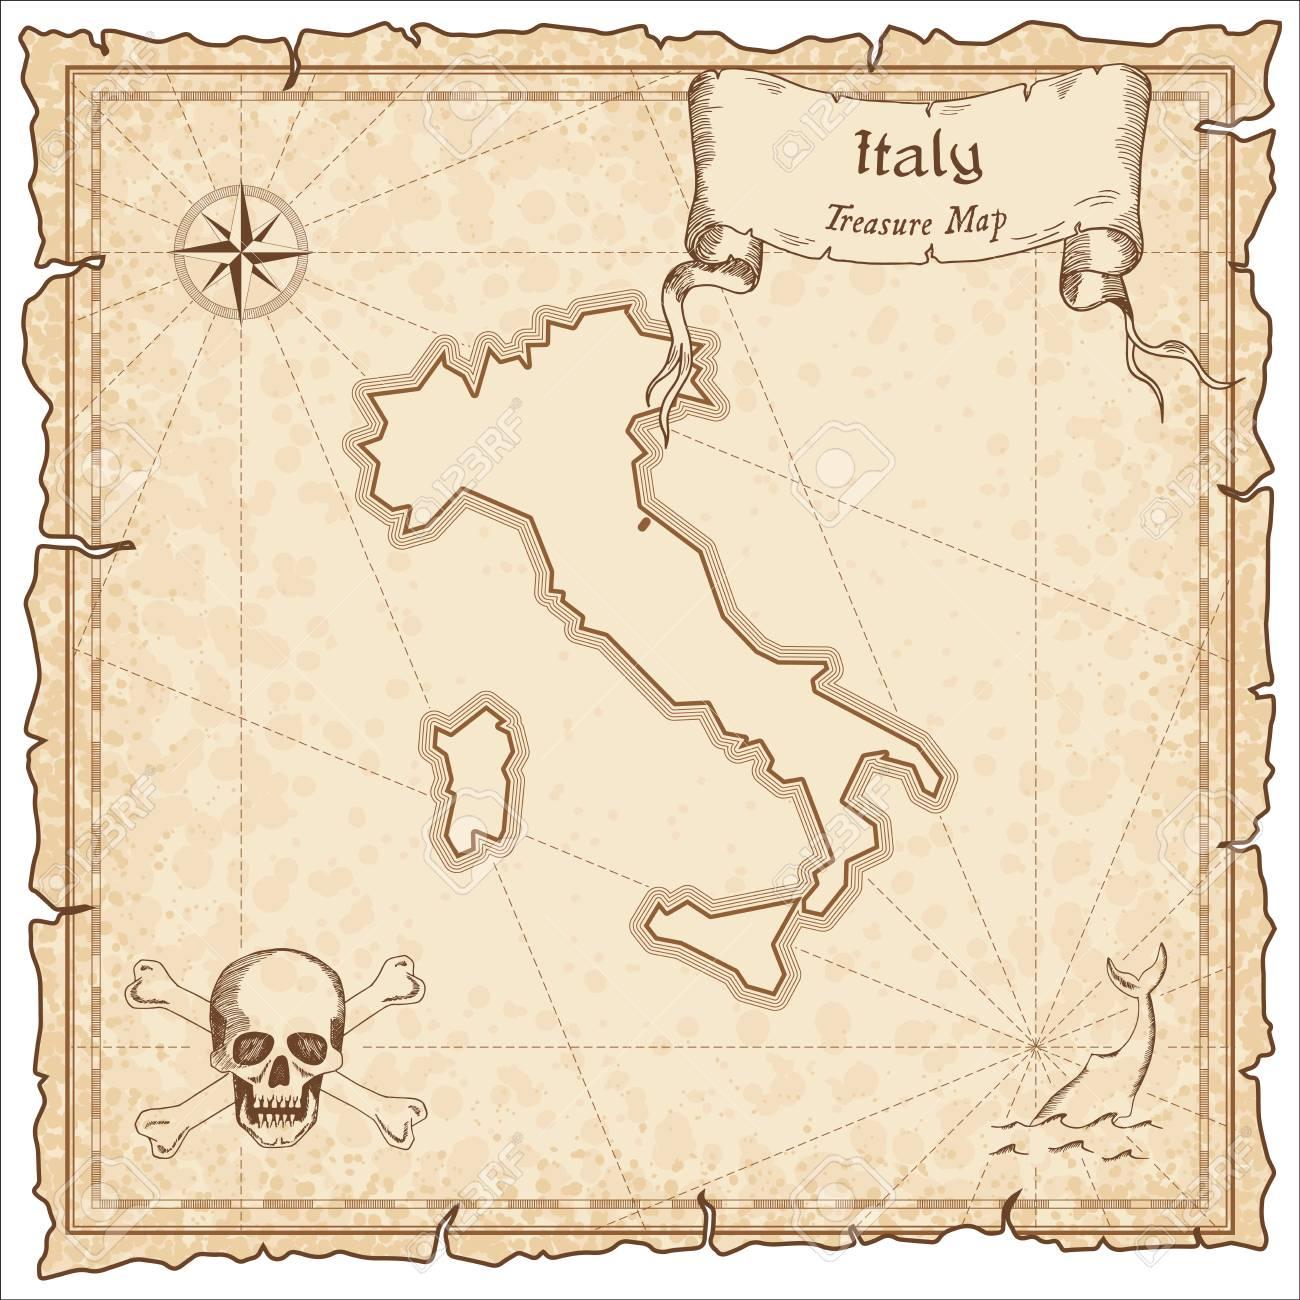 Carte Italie Ancienne.Italie Carte Pirate Ancienne Gravure En Sepia De La Carte Du Tresor Carte De Pirate Stylisee Sur Papier Vintage